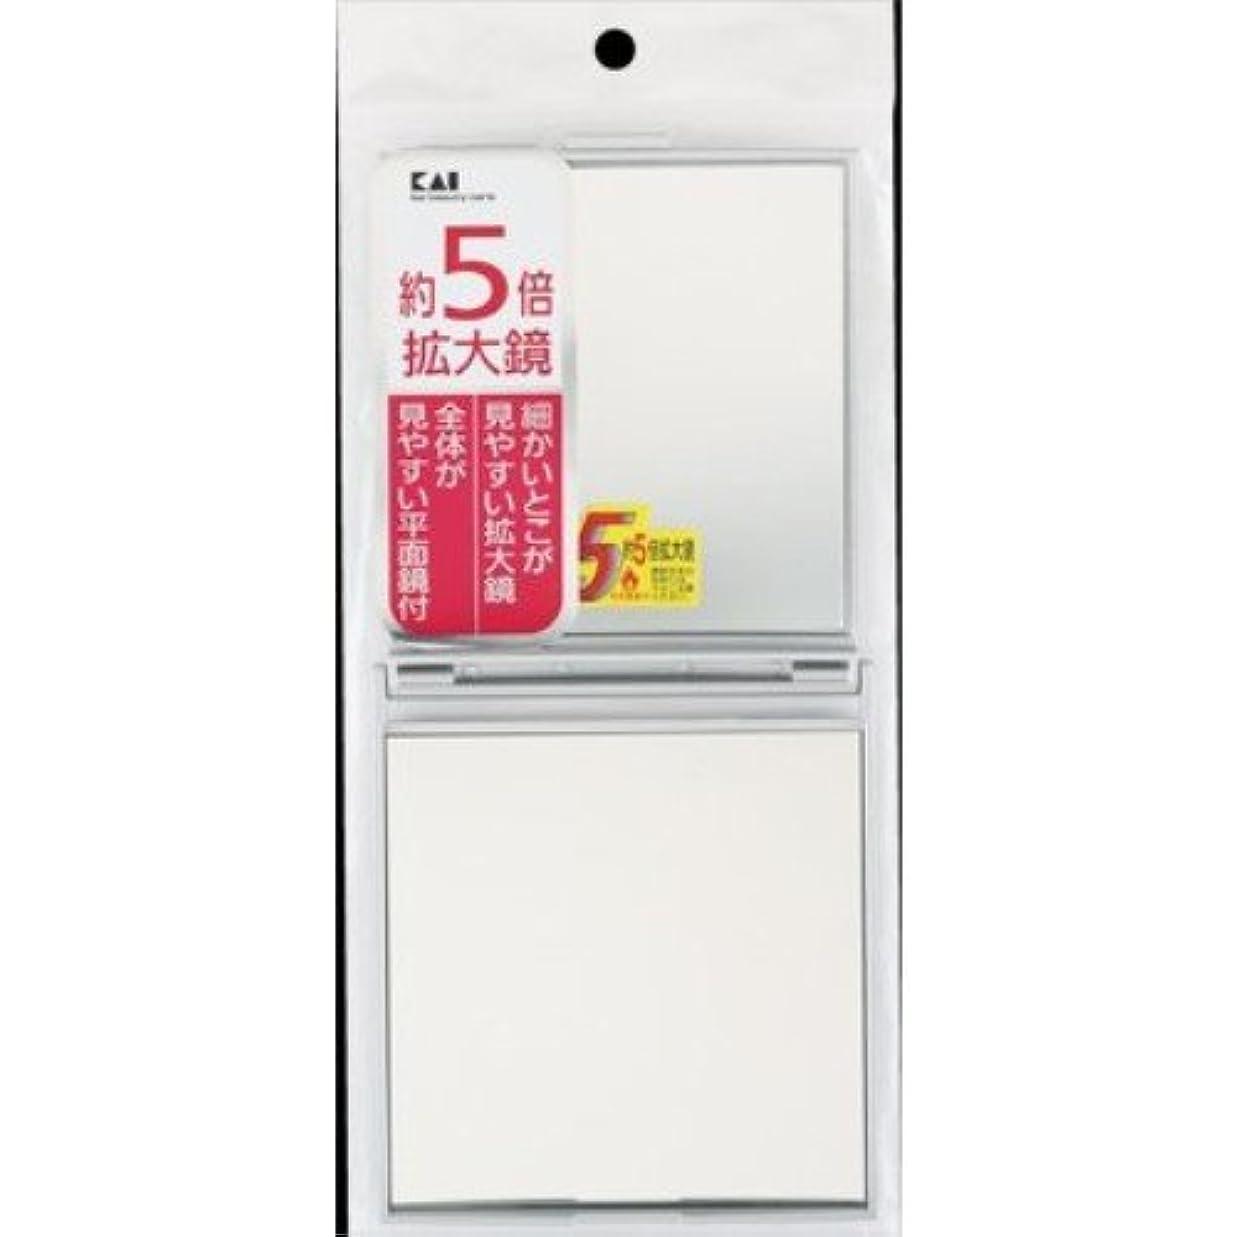 くびれた感度オフセット貝印 5倍拡大鏡付コンパクトミラー シルバー KX0755